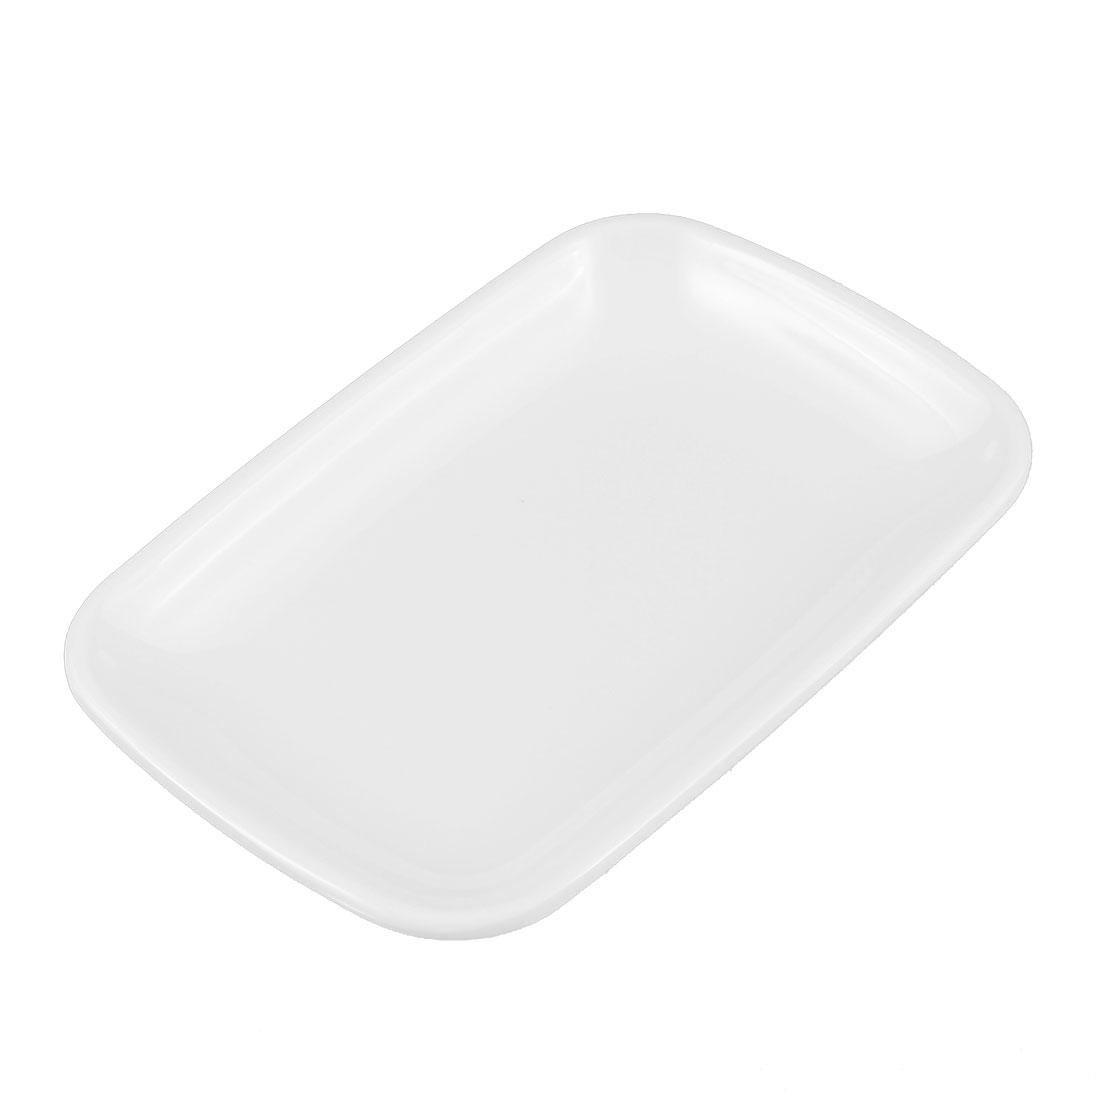 Restaurant Plastic Rectangle Shaped Dessert Pickles Appetizer Plate Dish White